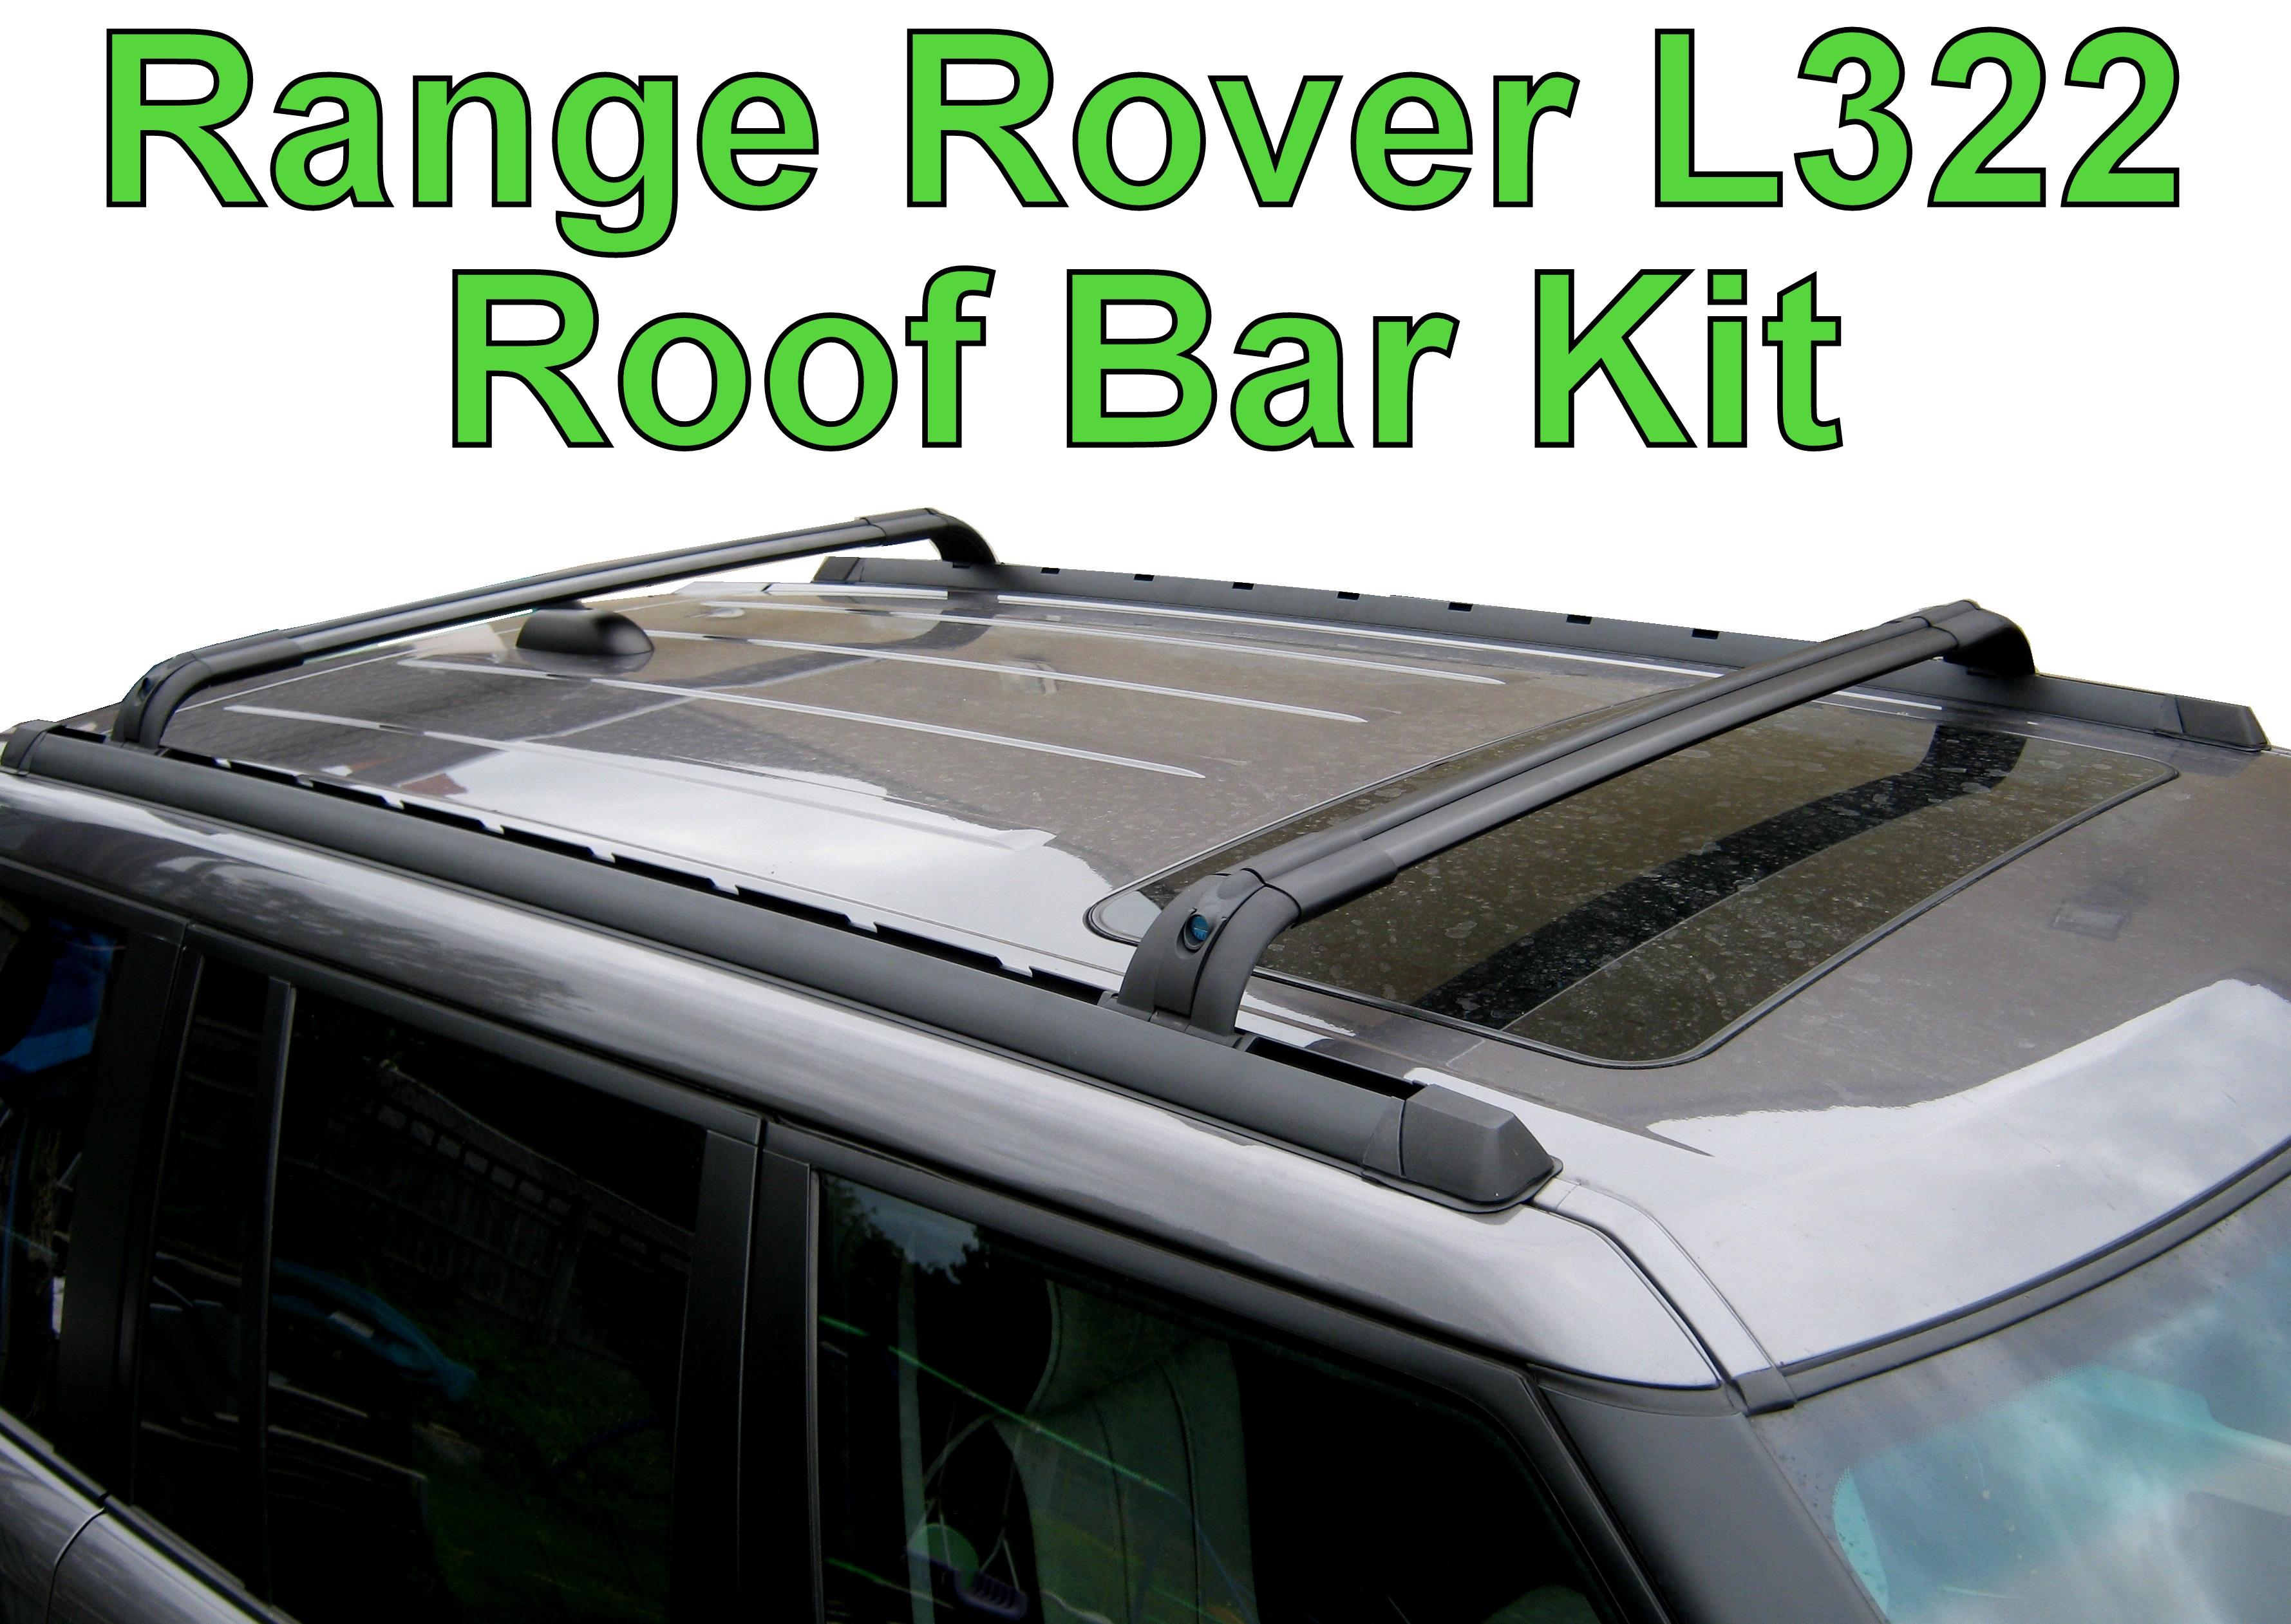 Roof Bar Kit For Range Rover L322   Locking Cross Rails